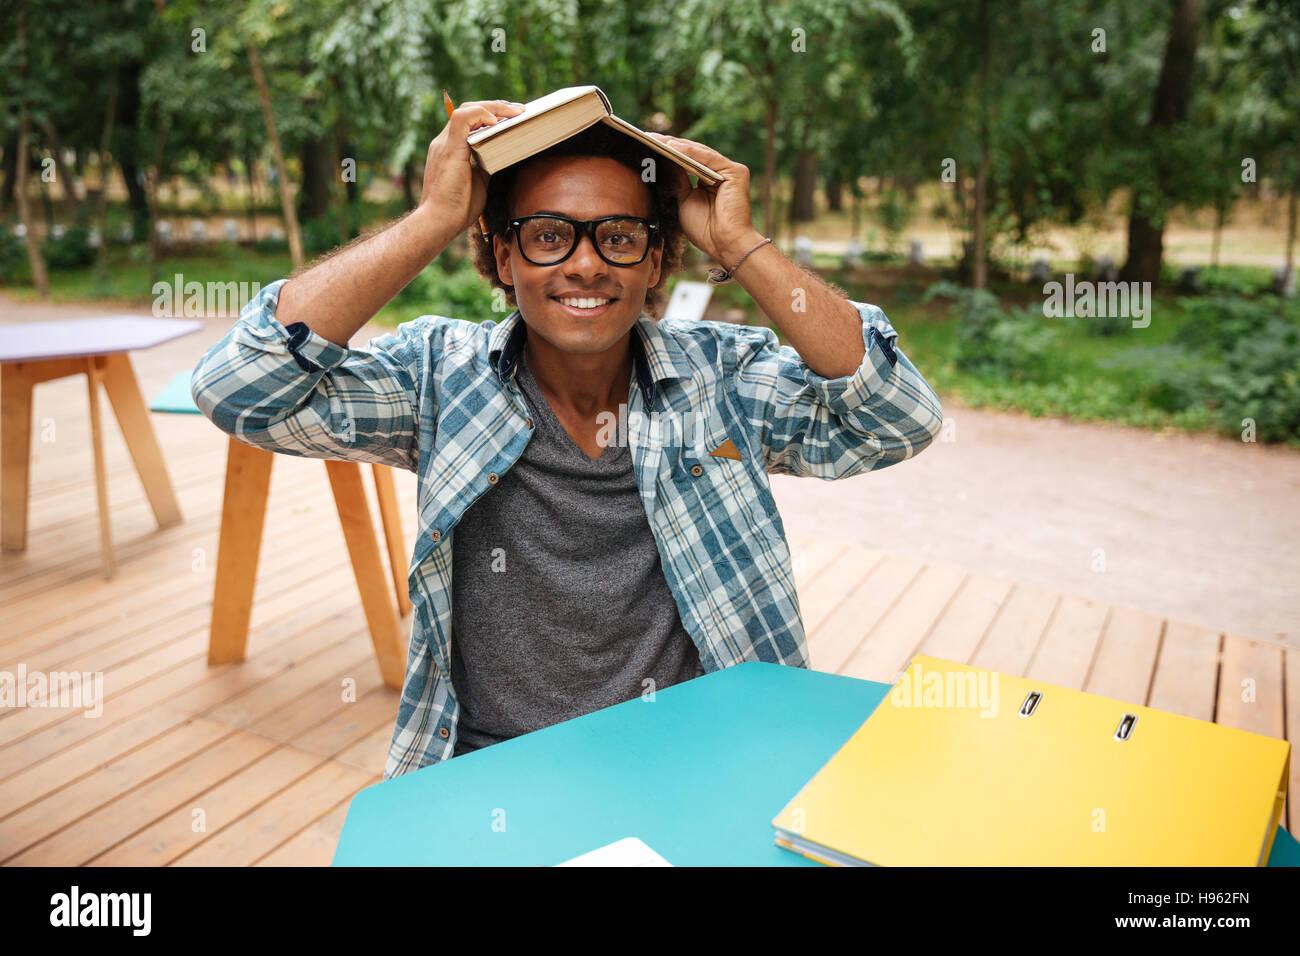 Heureux jeune homme africain dans les verres d'étudier et d'avoir du plaisir en outdoor cafe Photo Stock